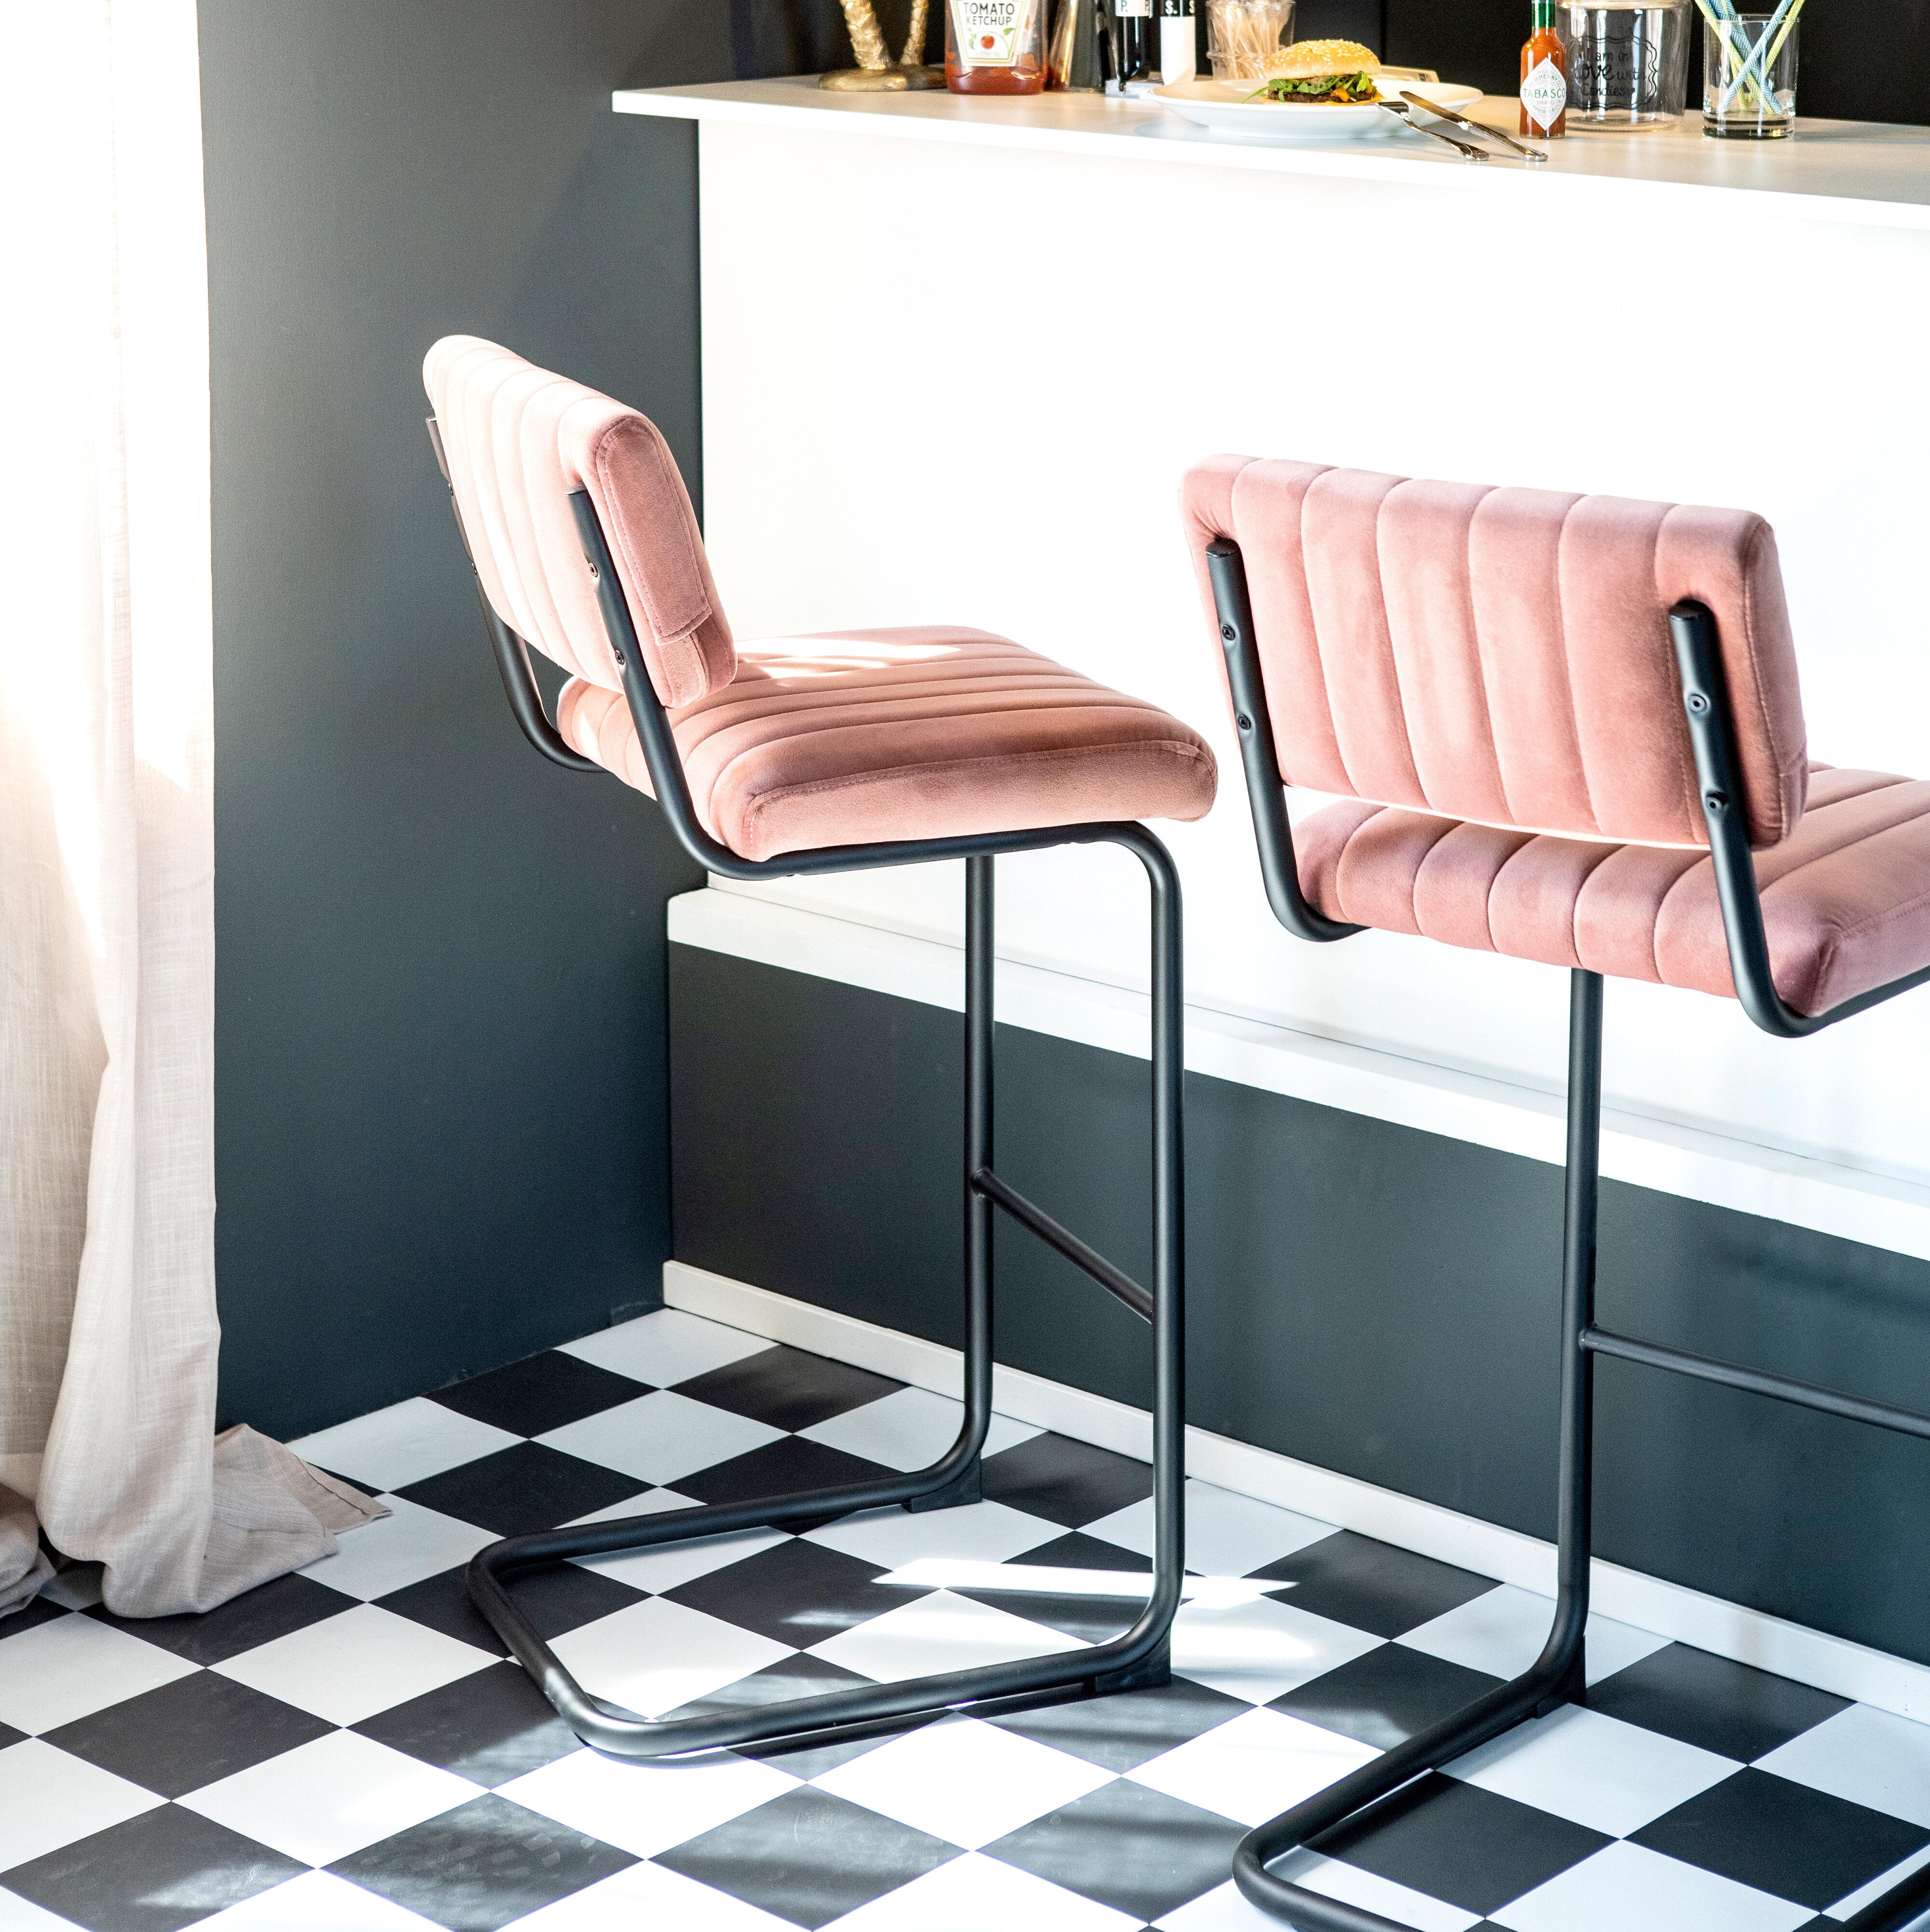 By-Boo Barstoel 'Operator' (zithoogte 68cm) Velvet, kleur Roze